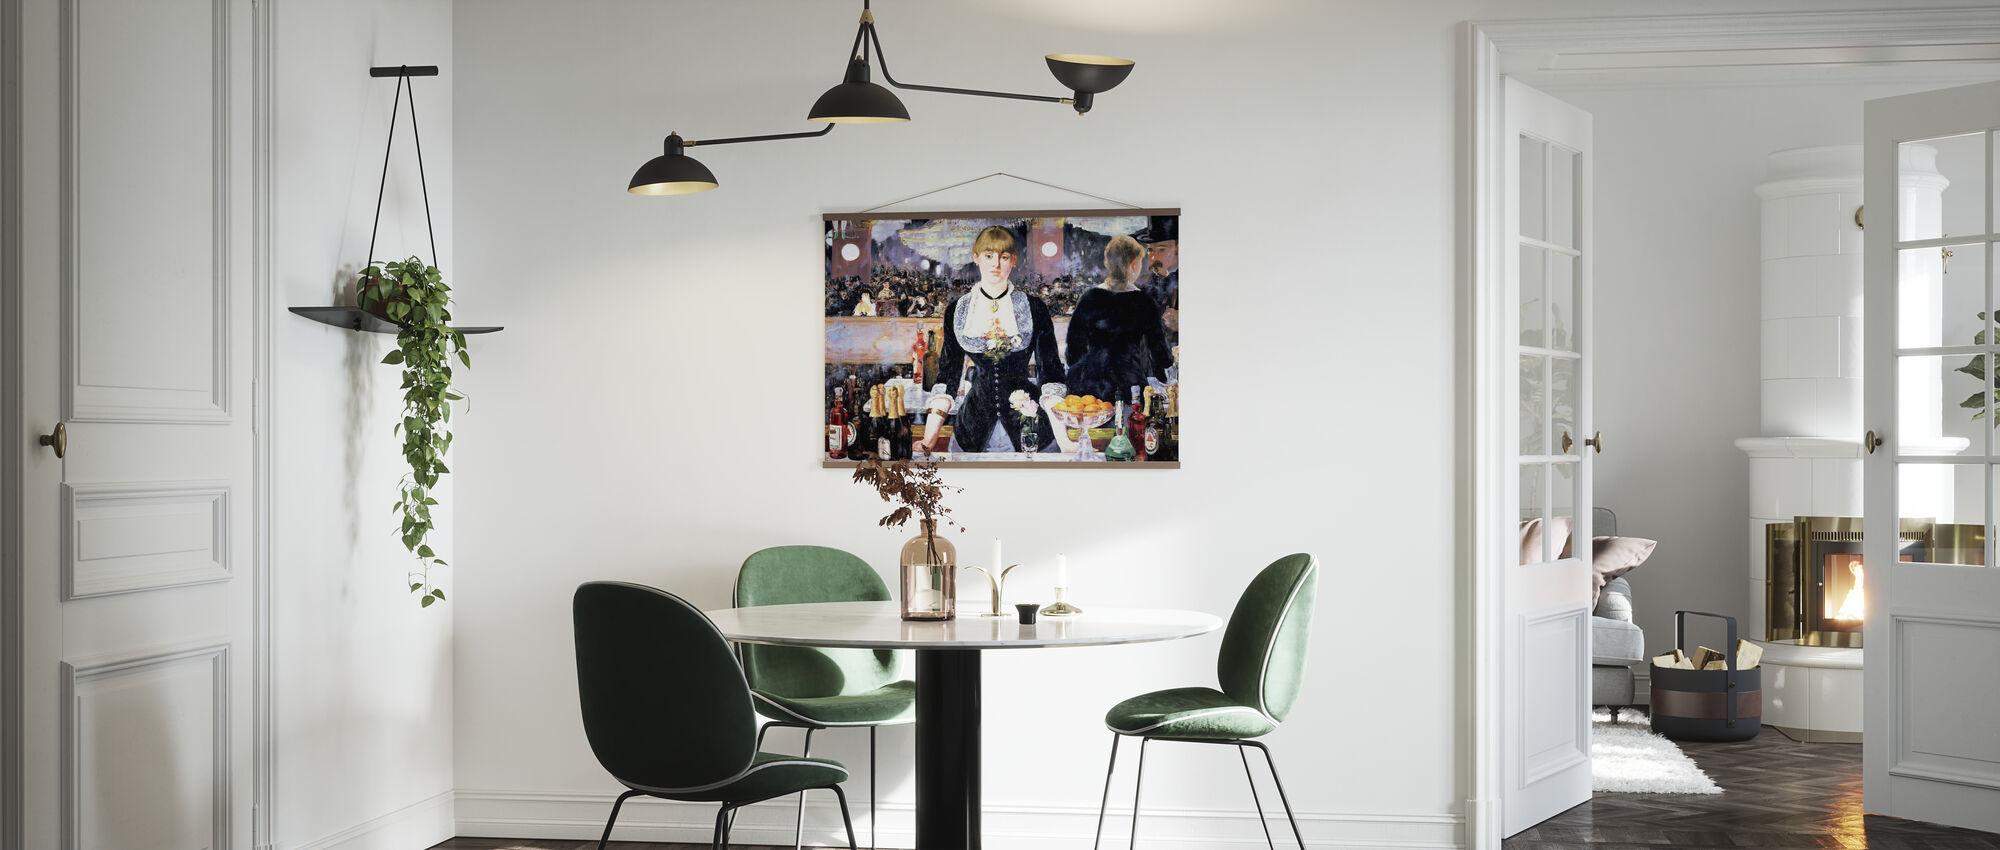 Bar en Folies-Bergere, Edouard Manet - Póster - Cocina